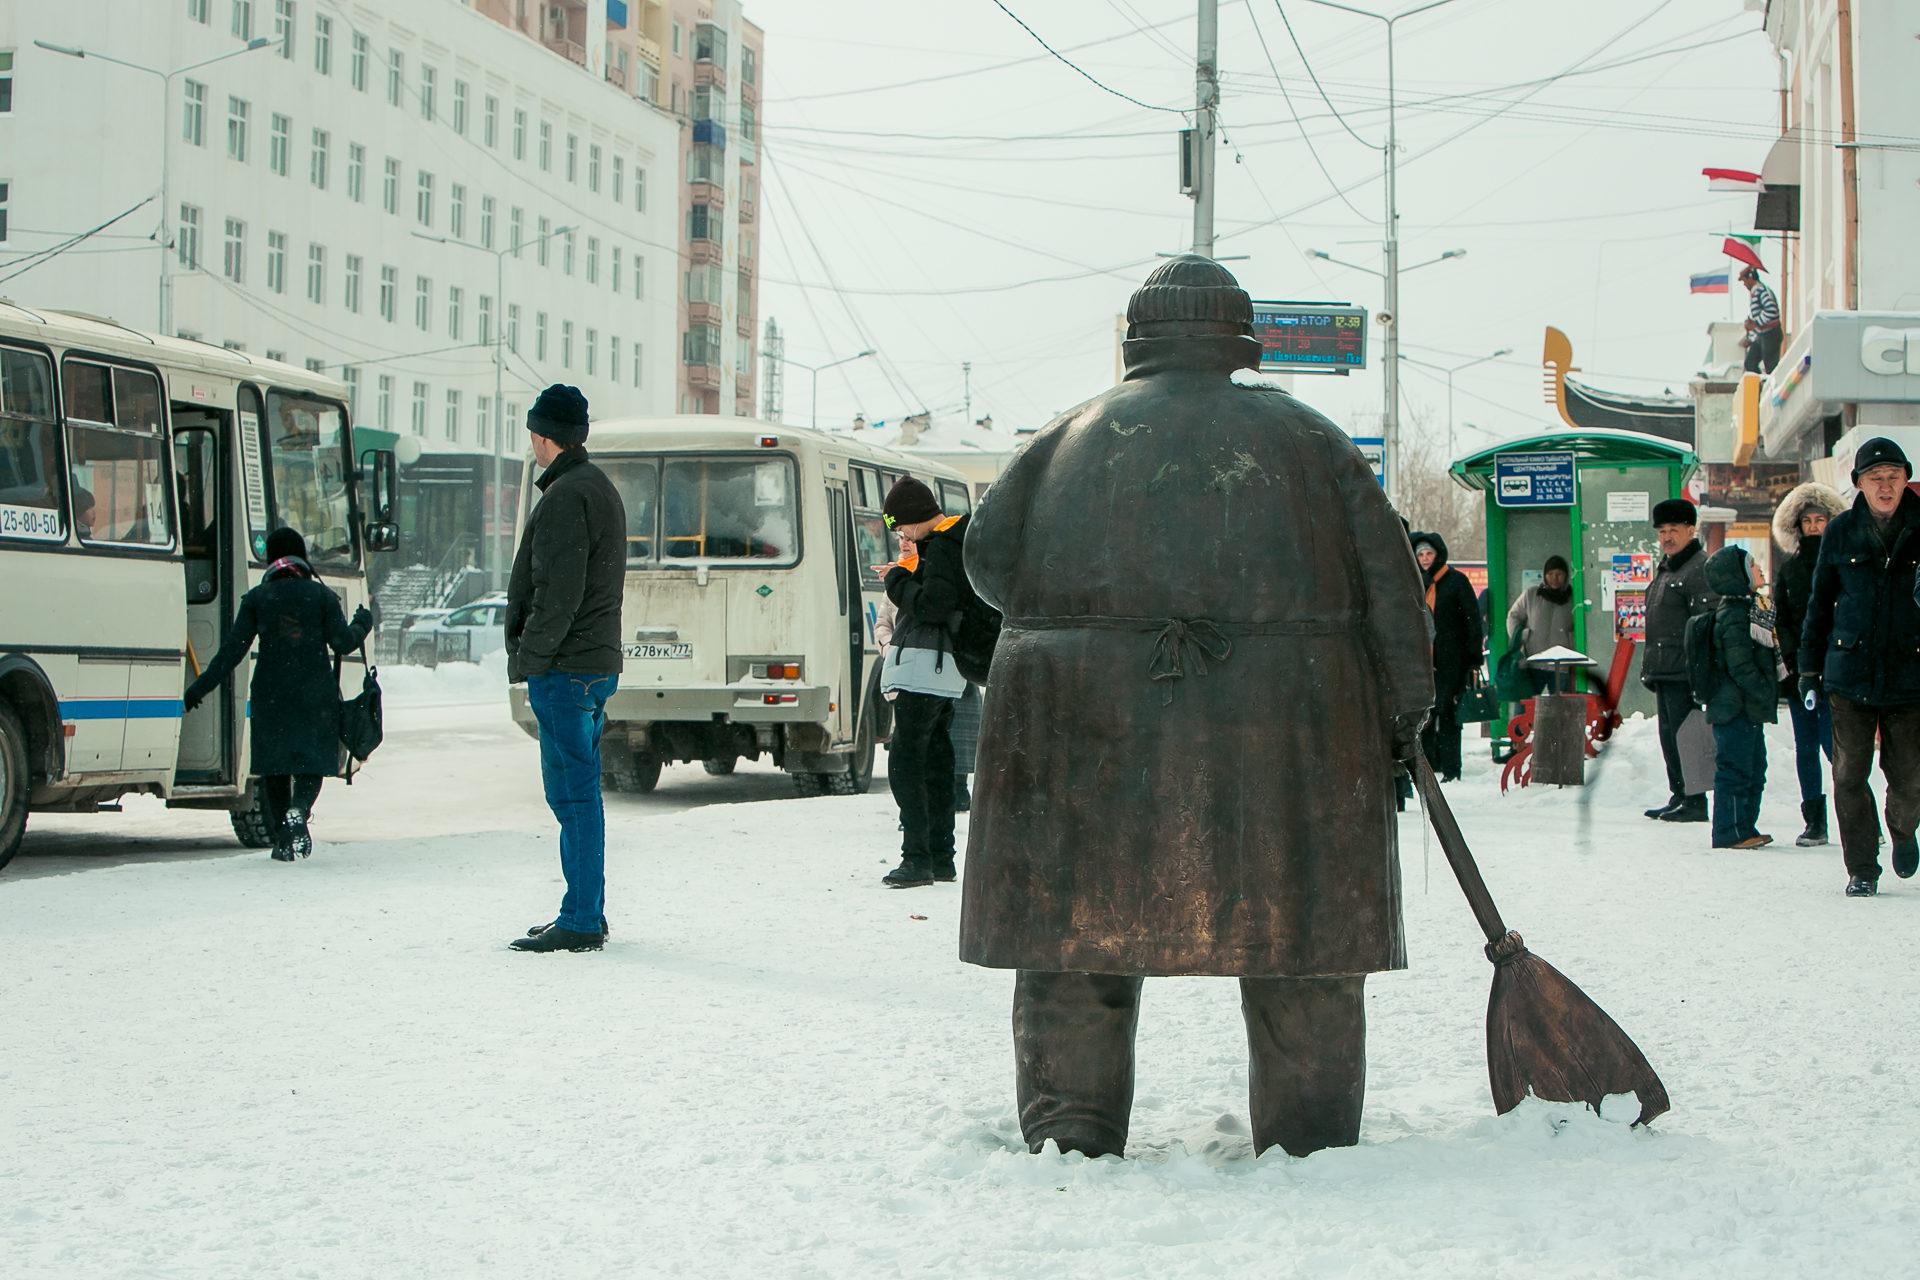 Комфортная городская среда: Скульптура «Дворник» и детские площадки Якутска признаны лучшими